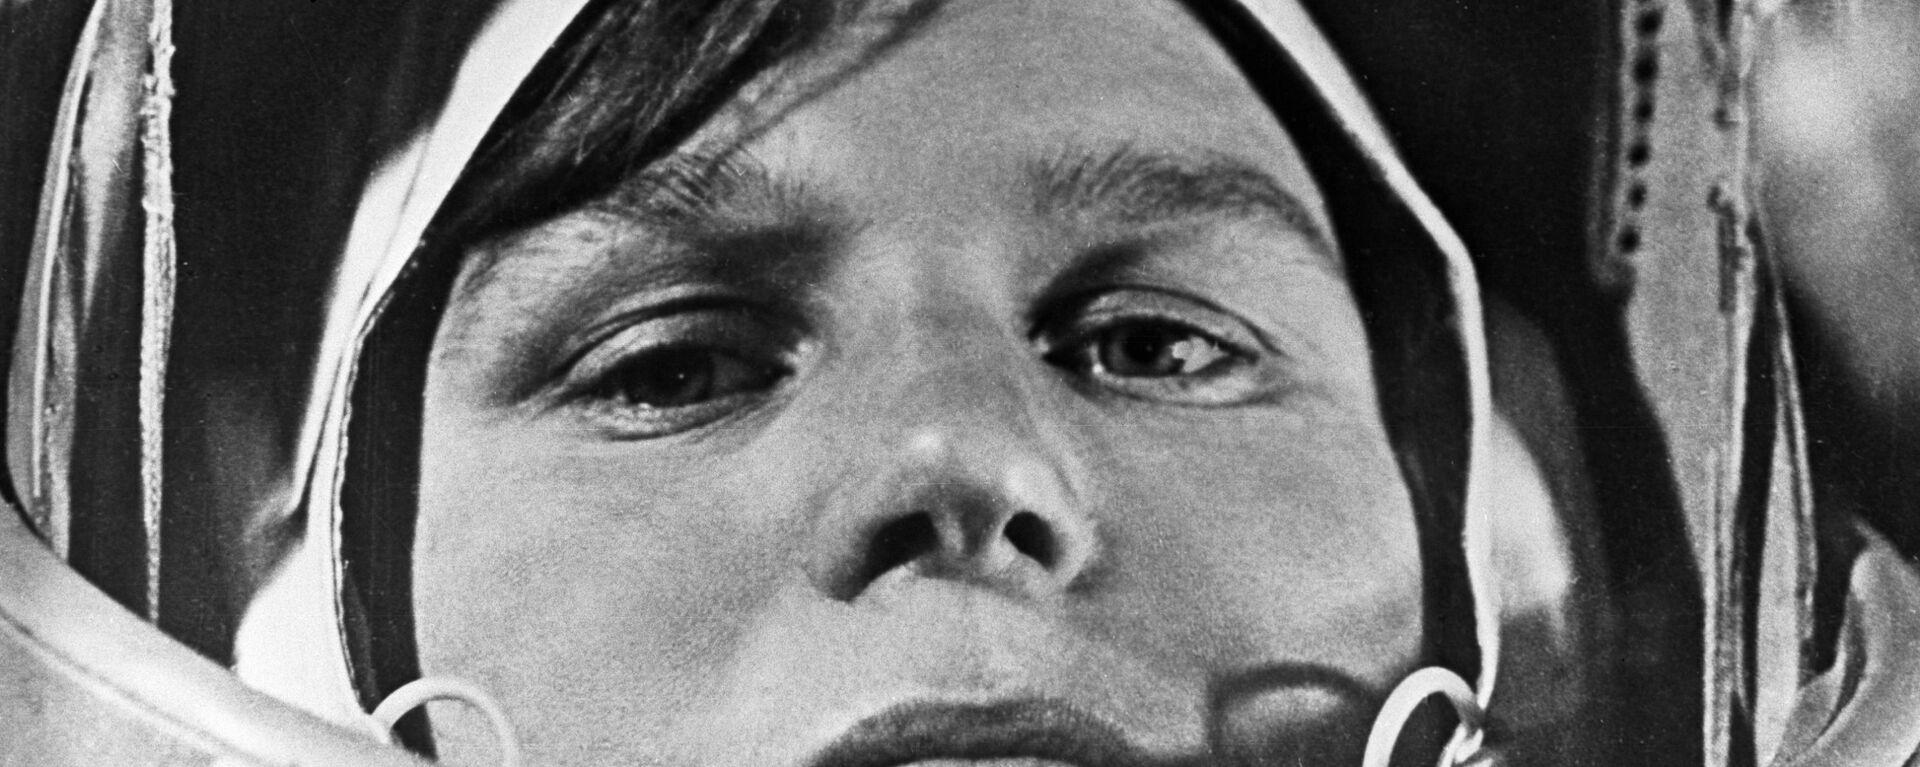 Hace 57 años una mujer cambiaba para siempre la carrera espacial - Sputnik Mundo, 1920, 16.06.2020